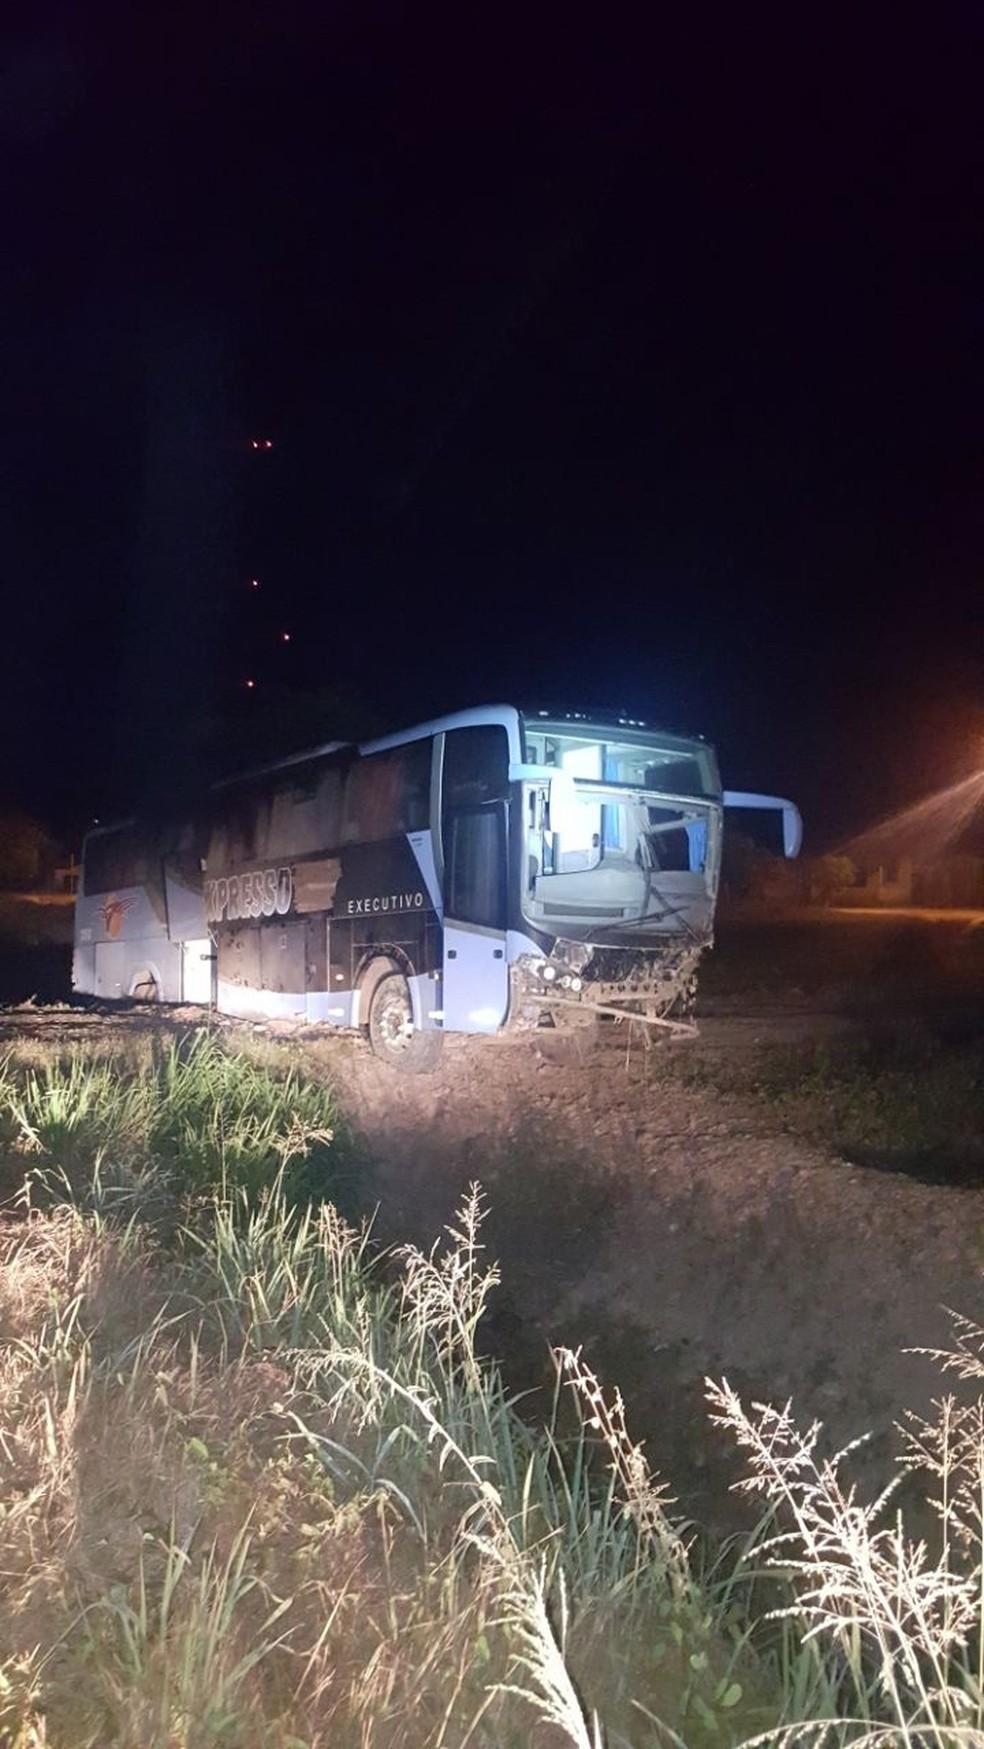 Passageiro teve um surto e agrediu o condutor do veículo, que perdeu o controle da direção e saiu de pista (Foto: Divulgação/Polícia Rodoviária Federal)